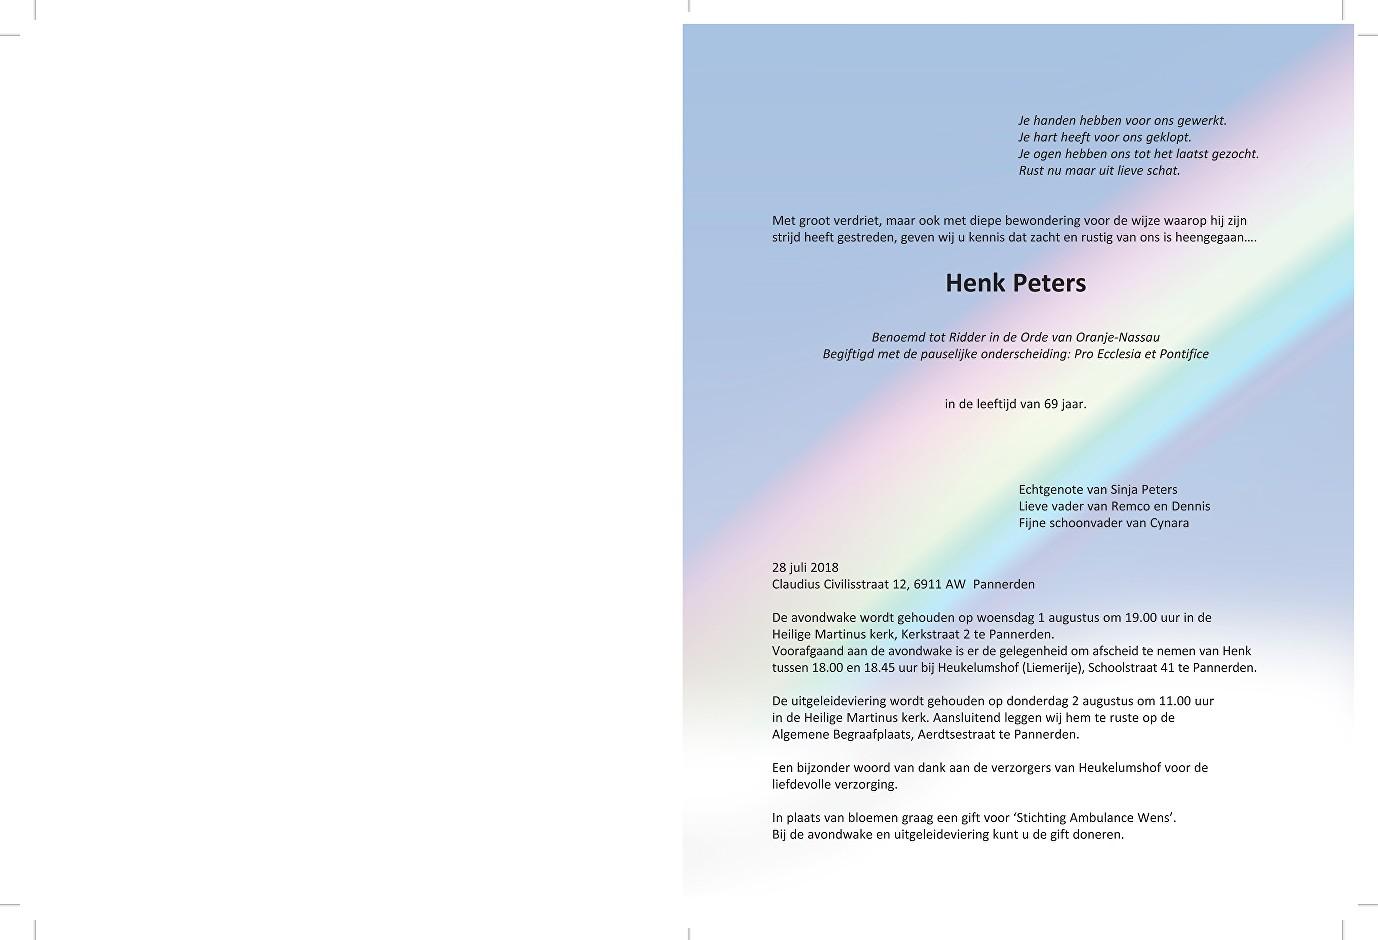 Henk Peters Death notice